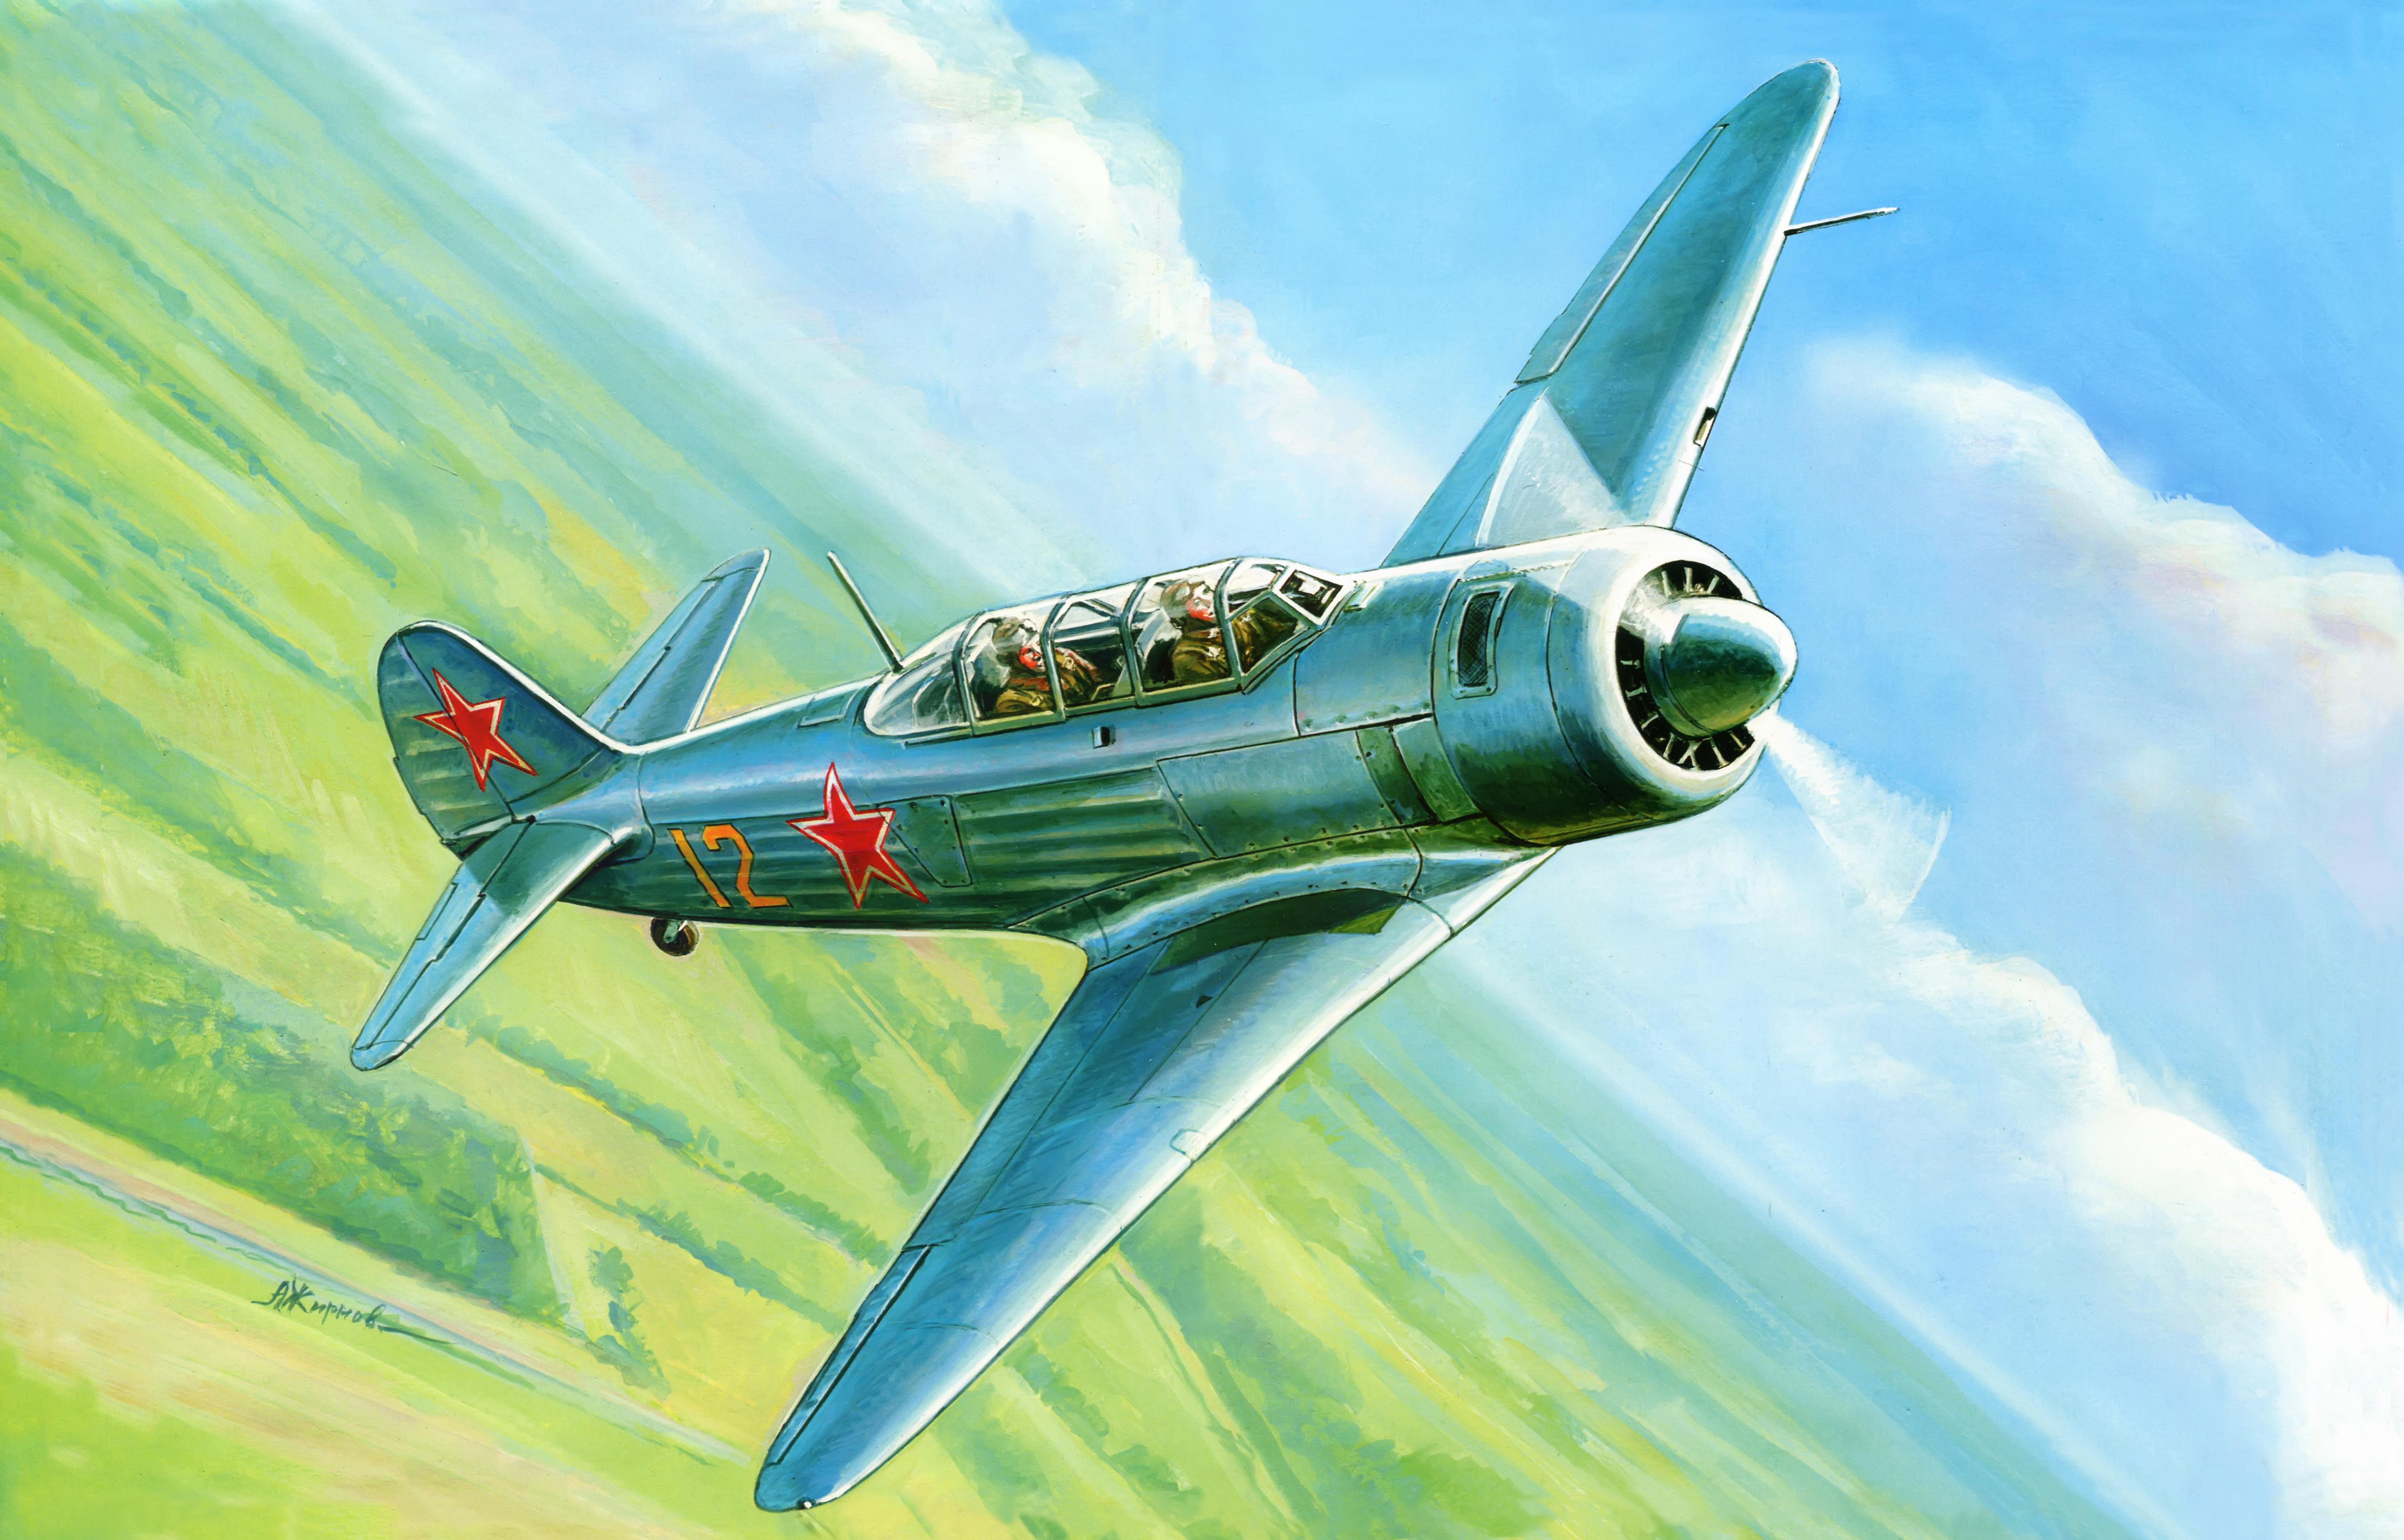 Картинки самолетами военными